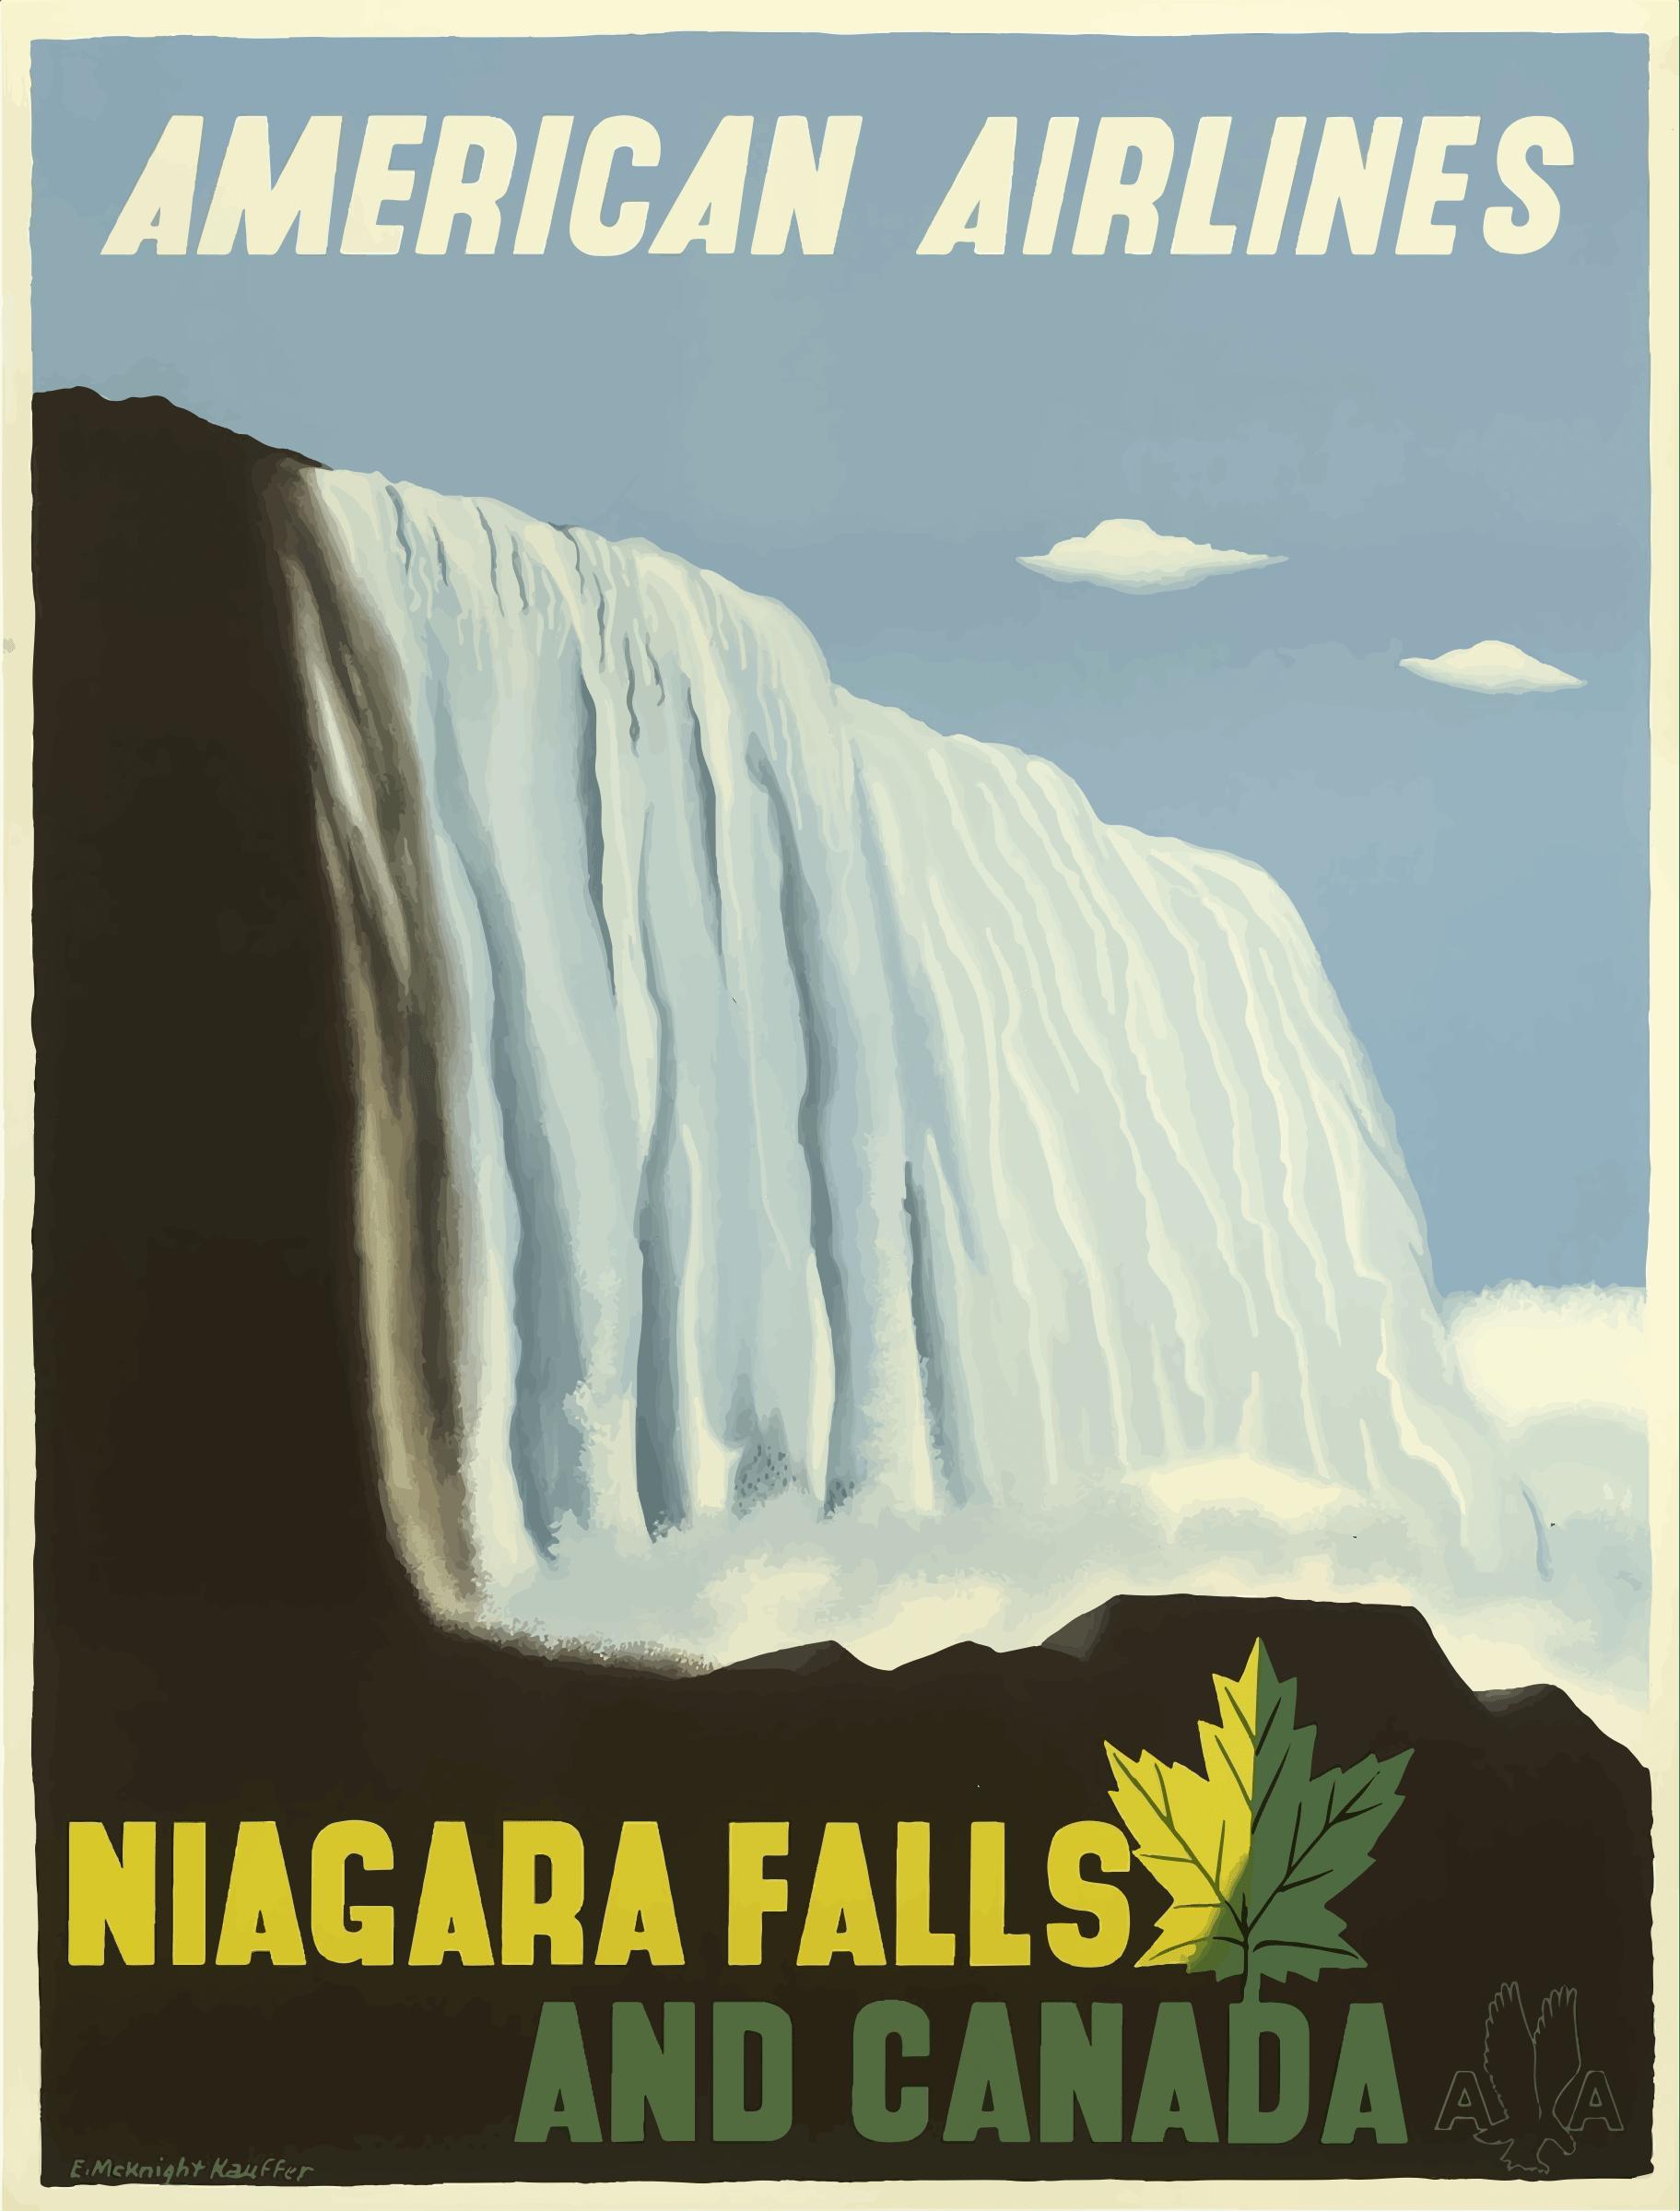 Niagara Falls Wallpaper Free Download Clipart Vintage Travel Poster Niagara Falls And Canada